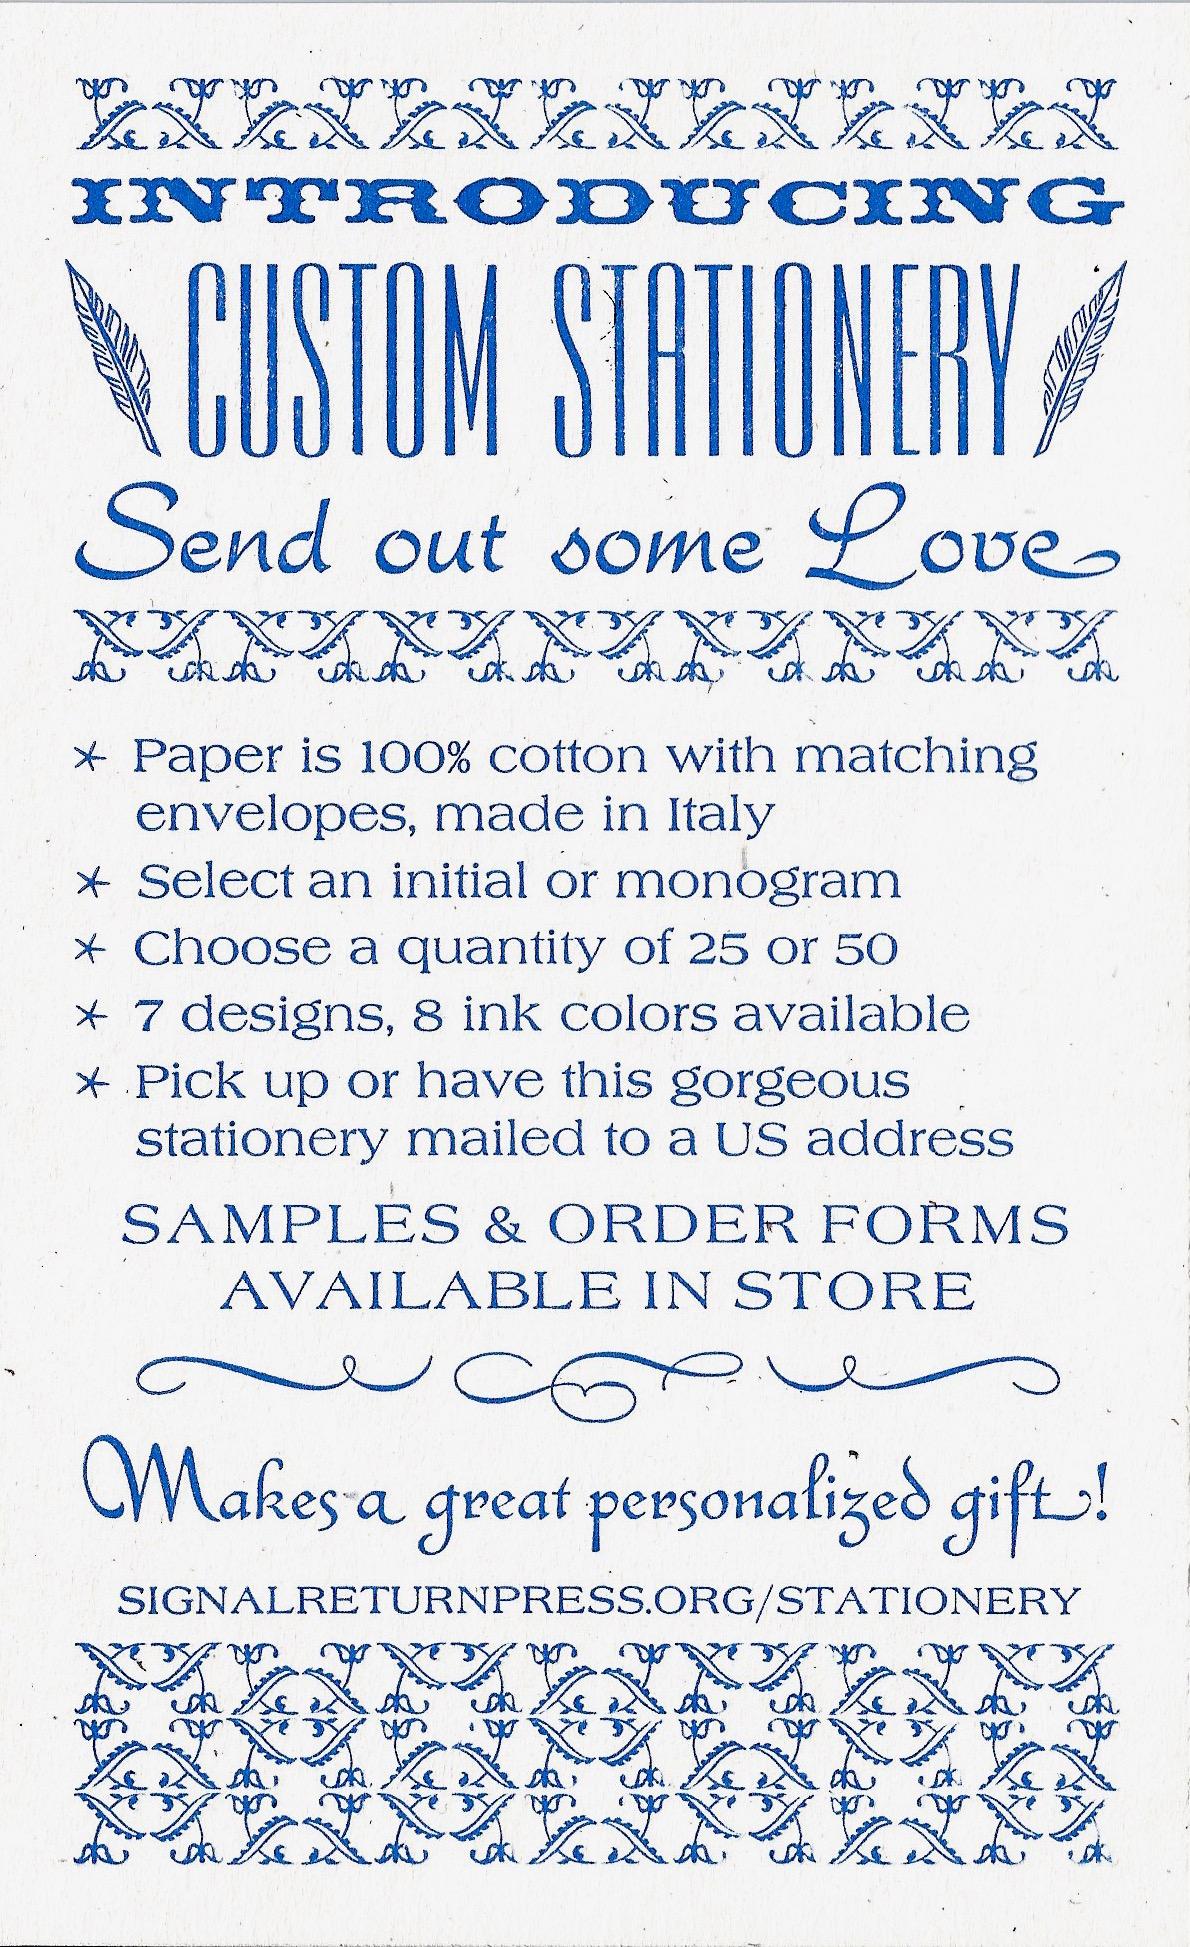 Custom Stationery flyer.jpeg